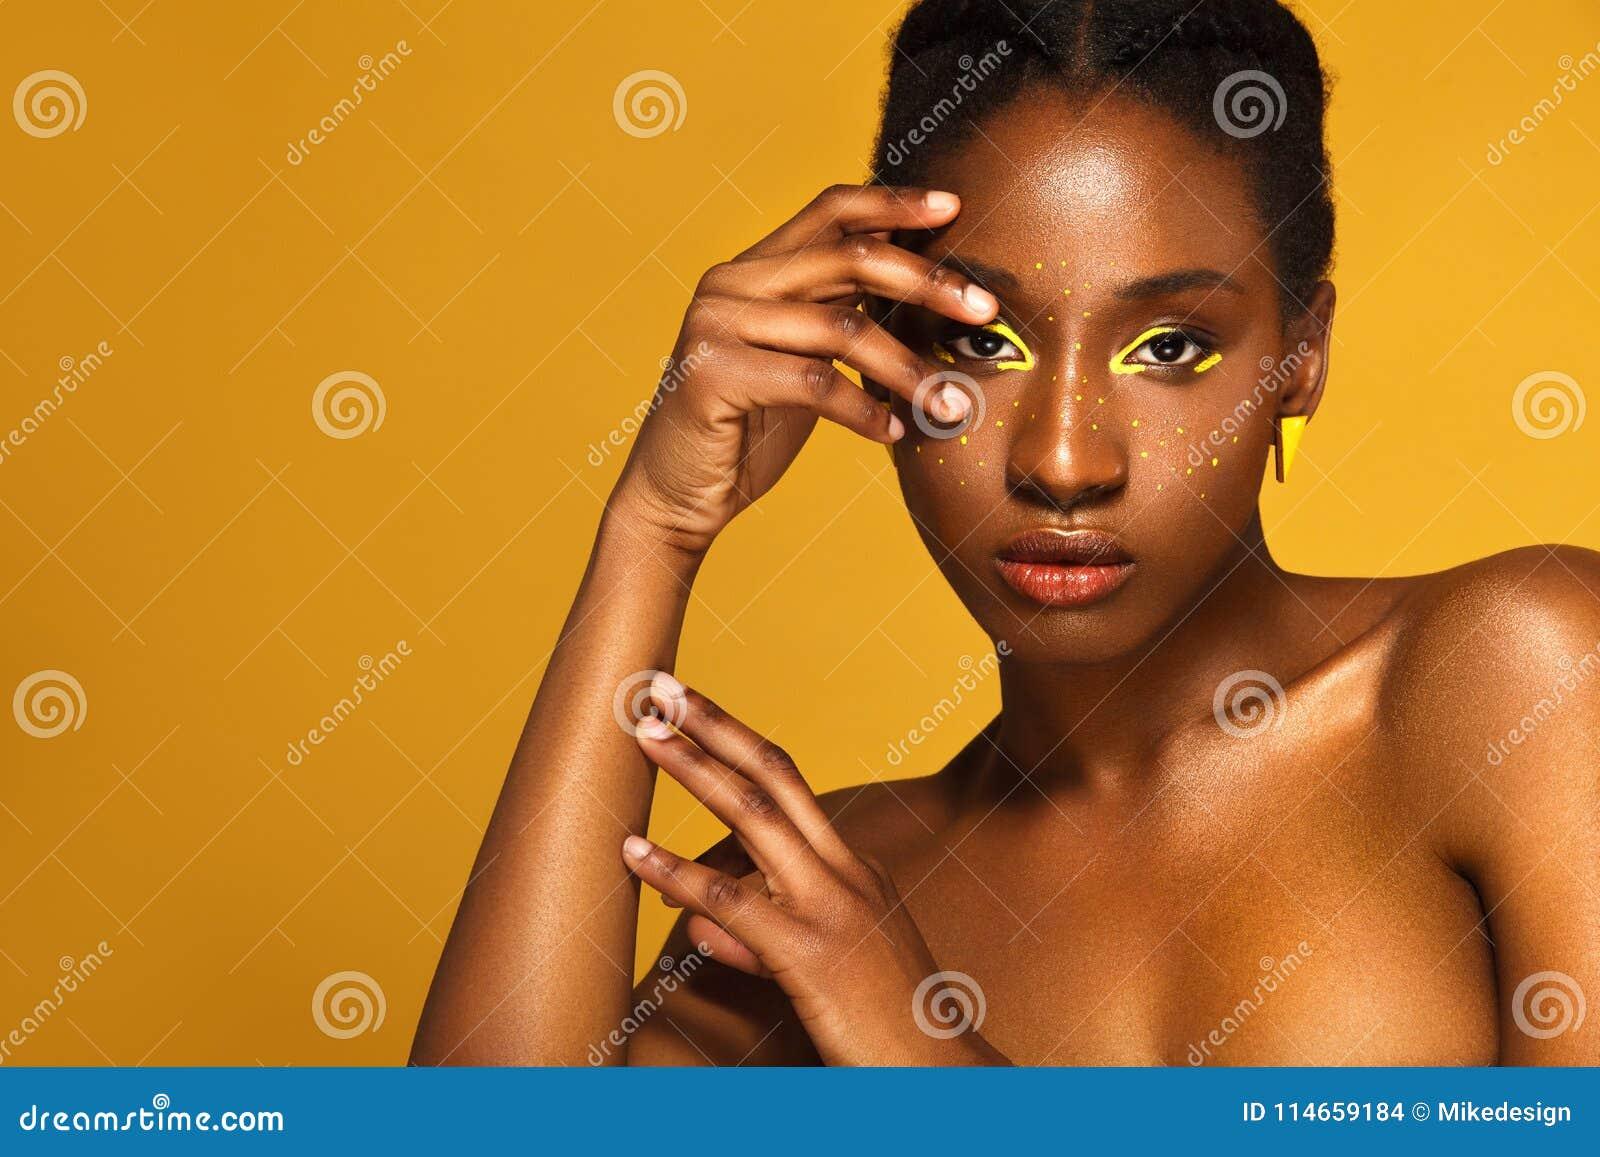 Nette junge afrikanische Frau mit gelbem Make-up auf ihren Augen Weibliches vorbildliches Lachen gegen gelben Hintergrund